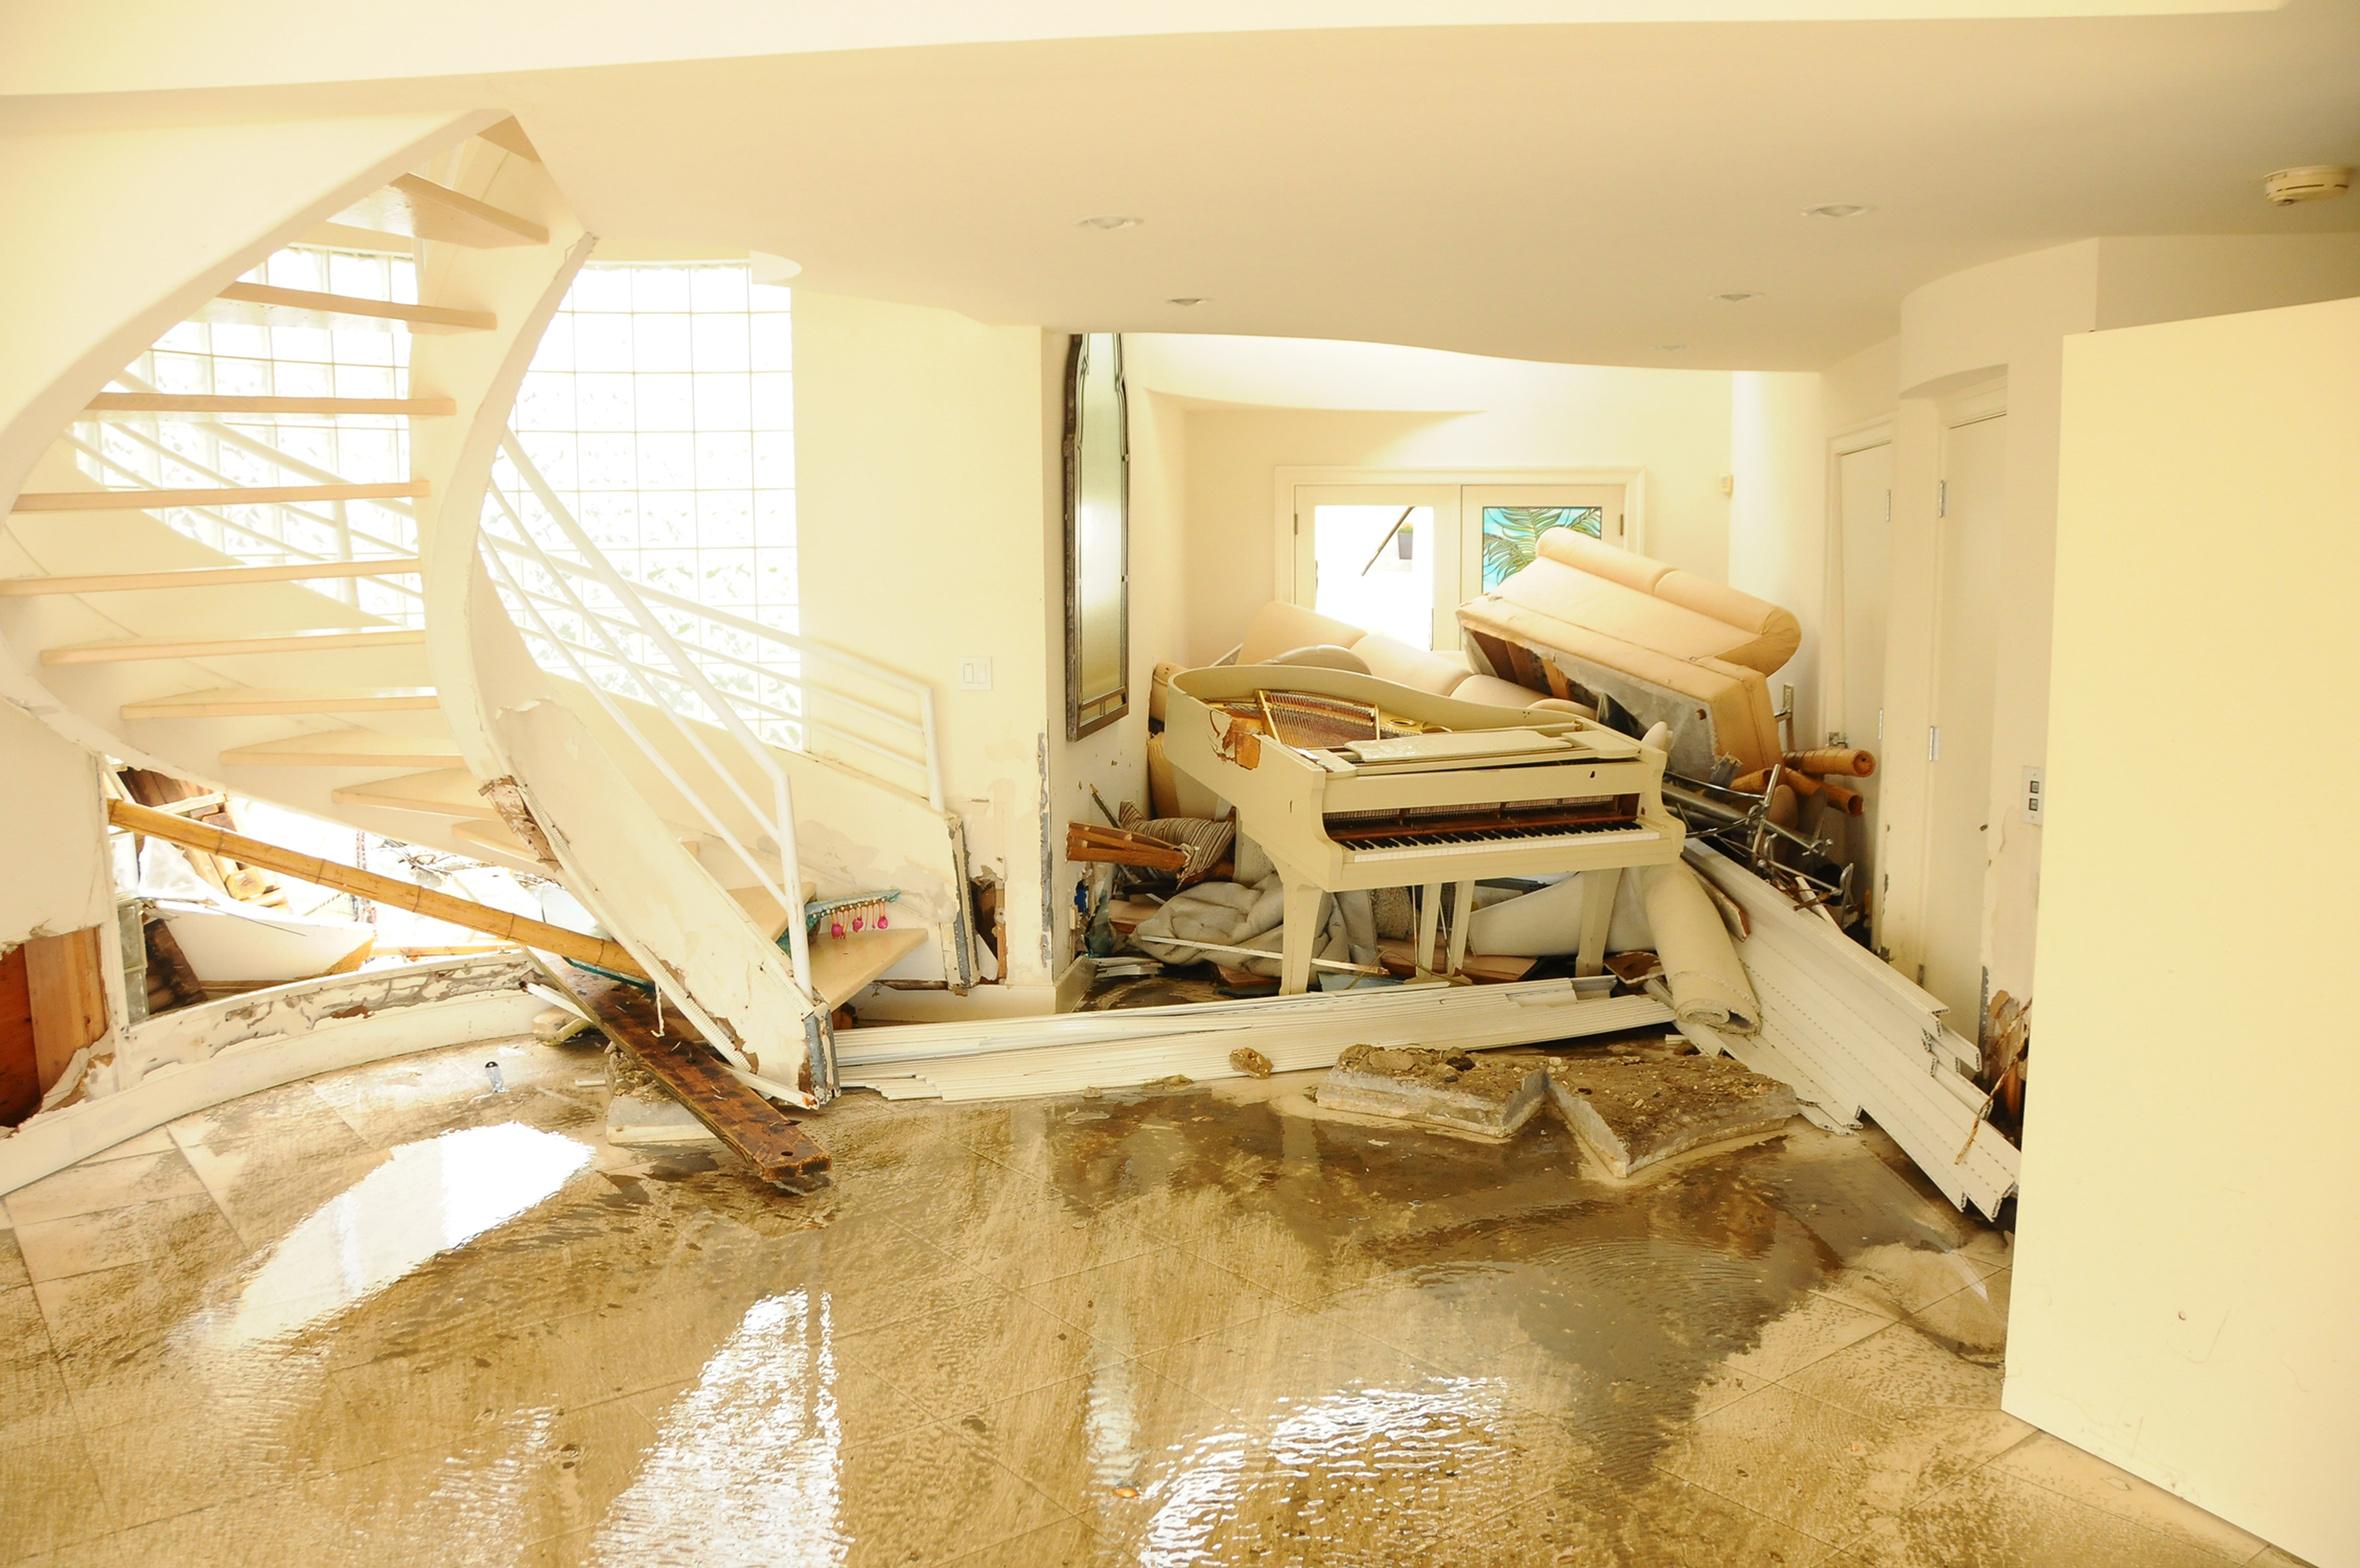 Zerstörung im Haus nach Hochwasser